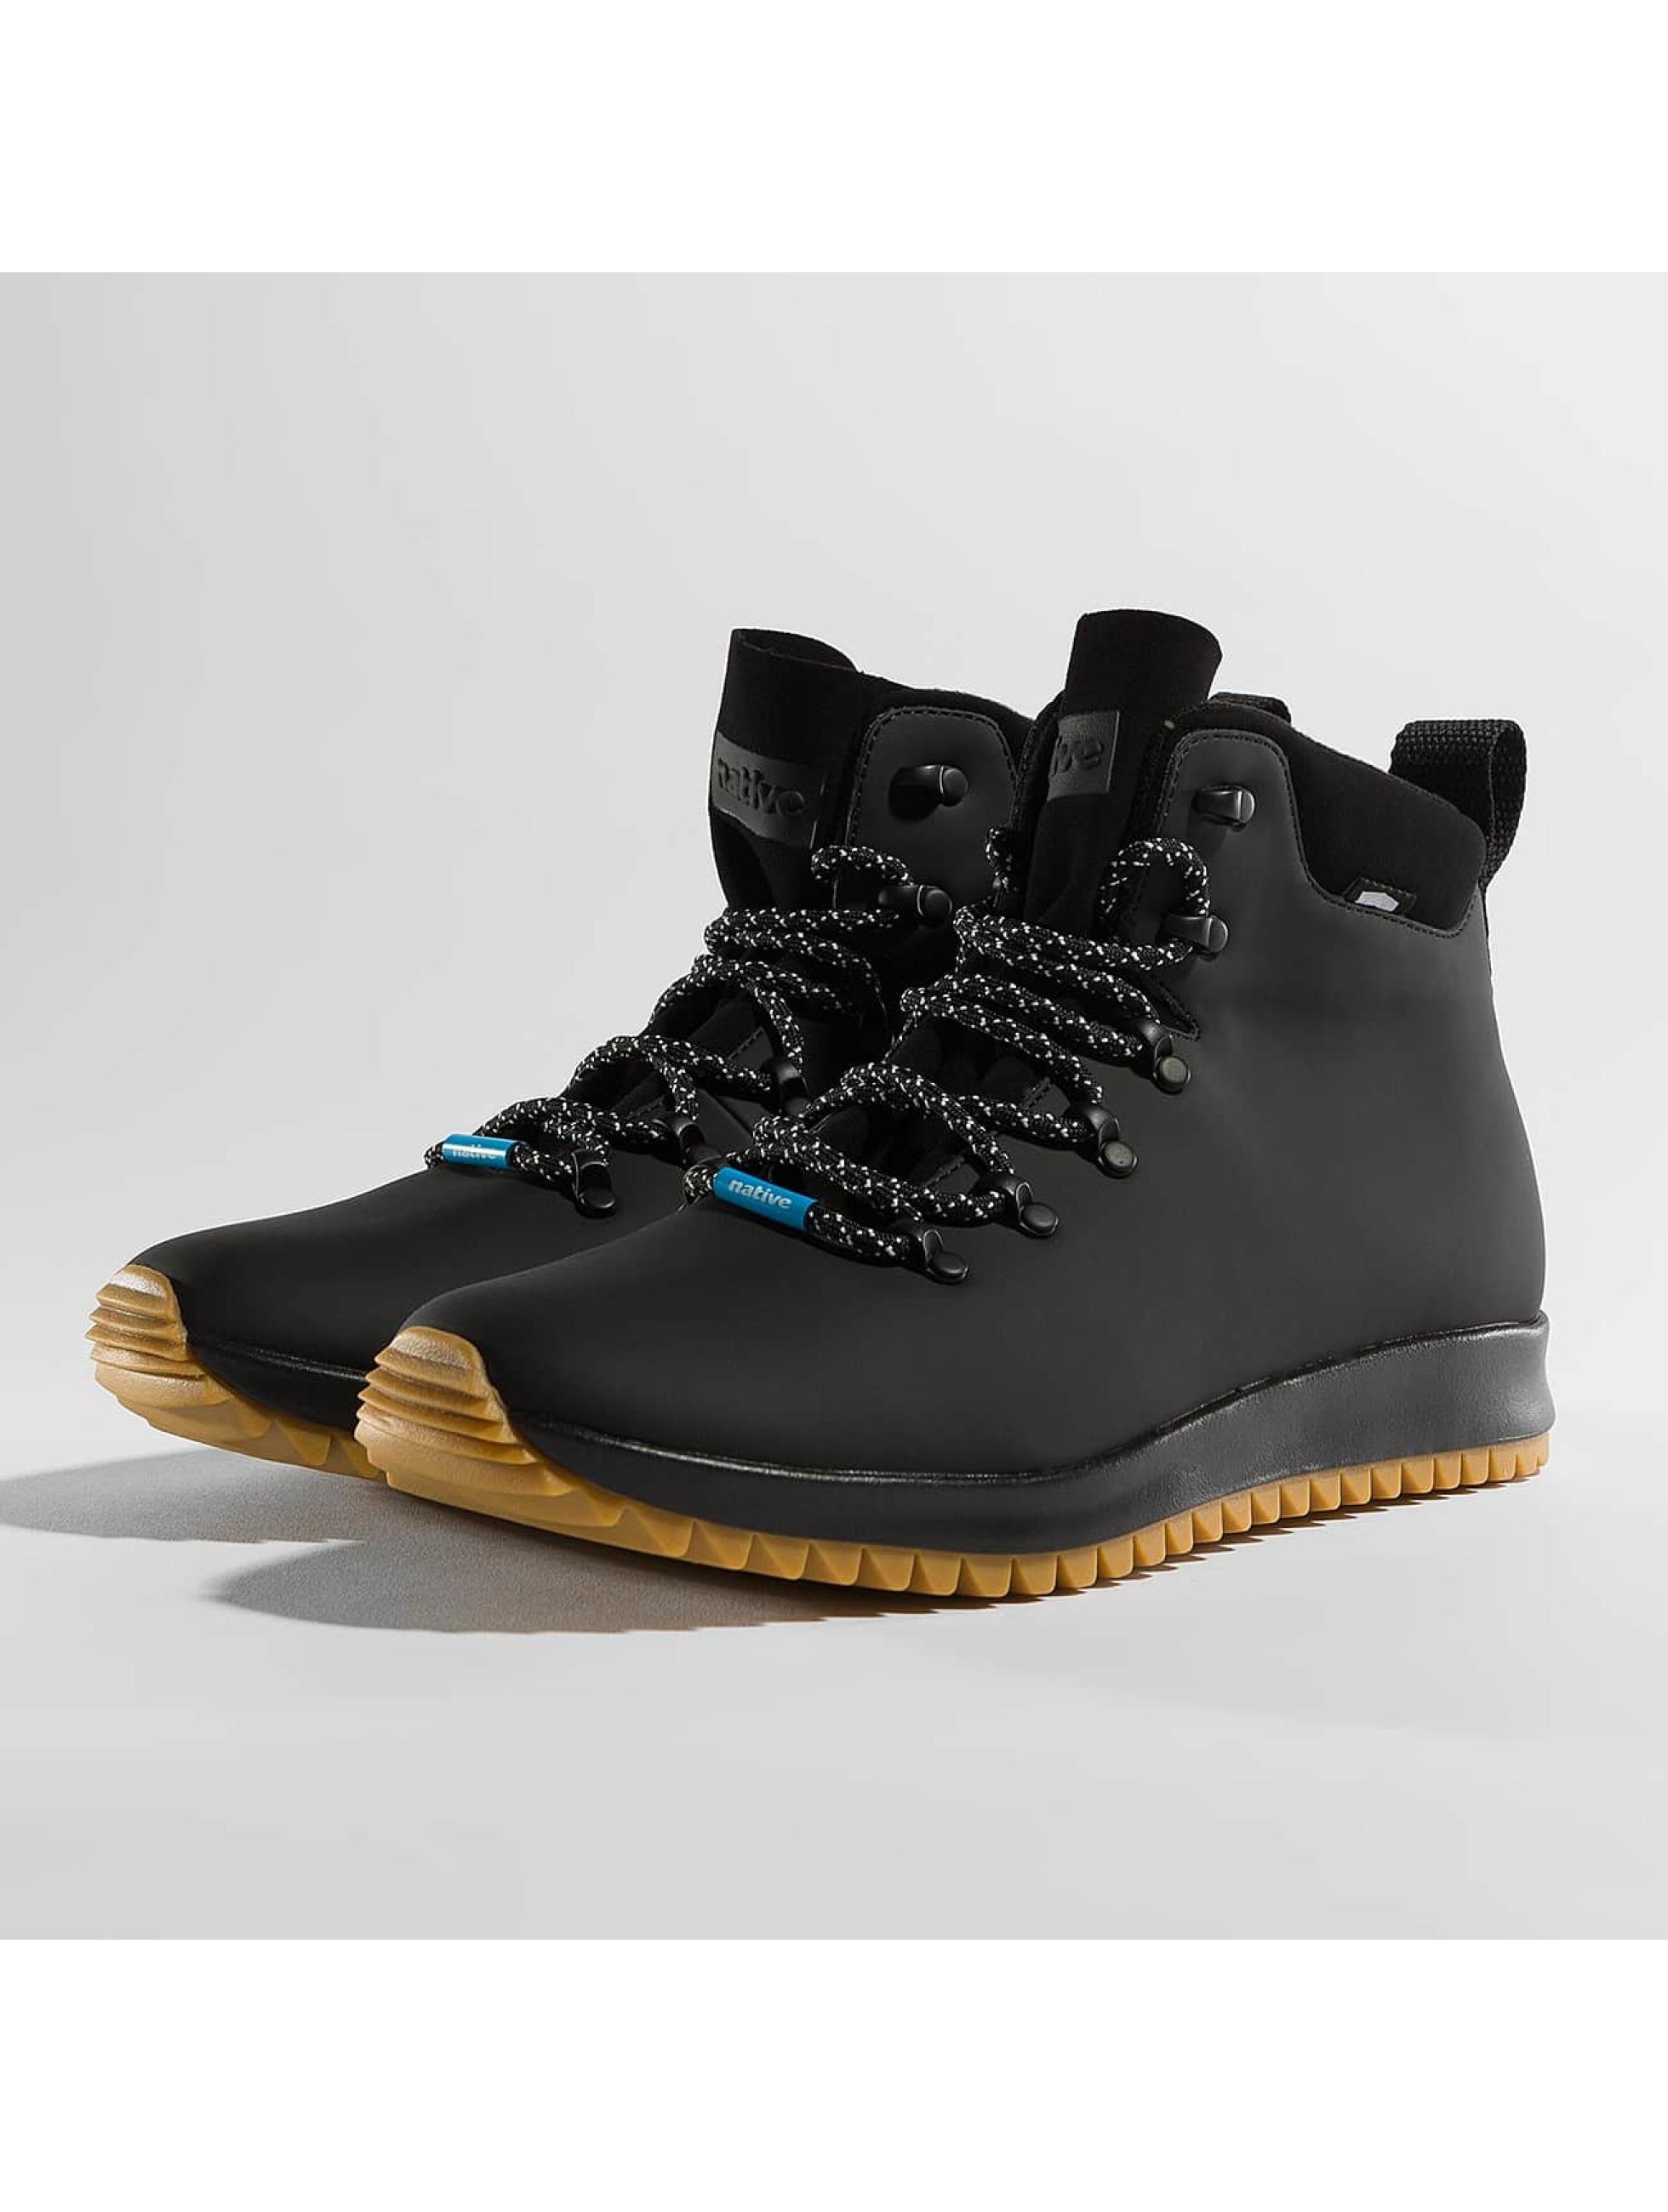 Native Männer,Frauen Boots AP Apex CT in schwarz